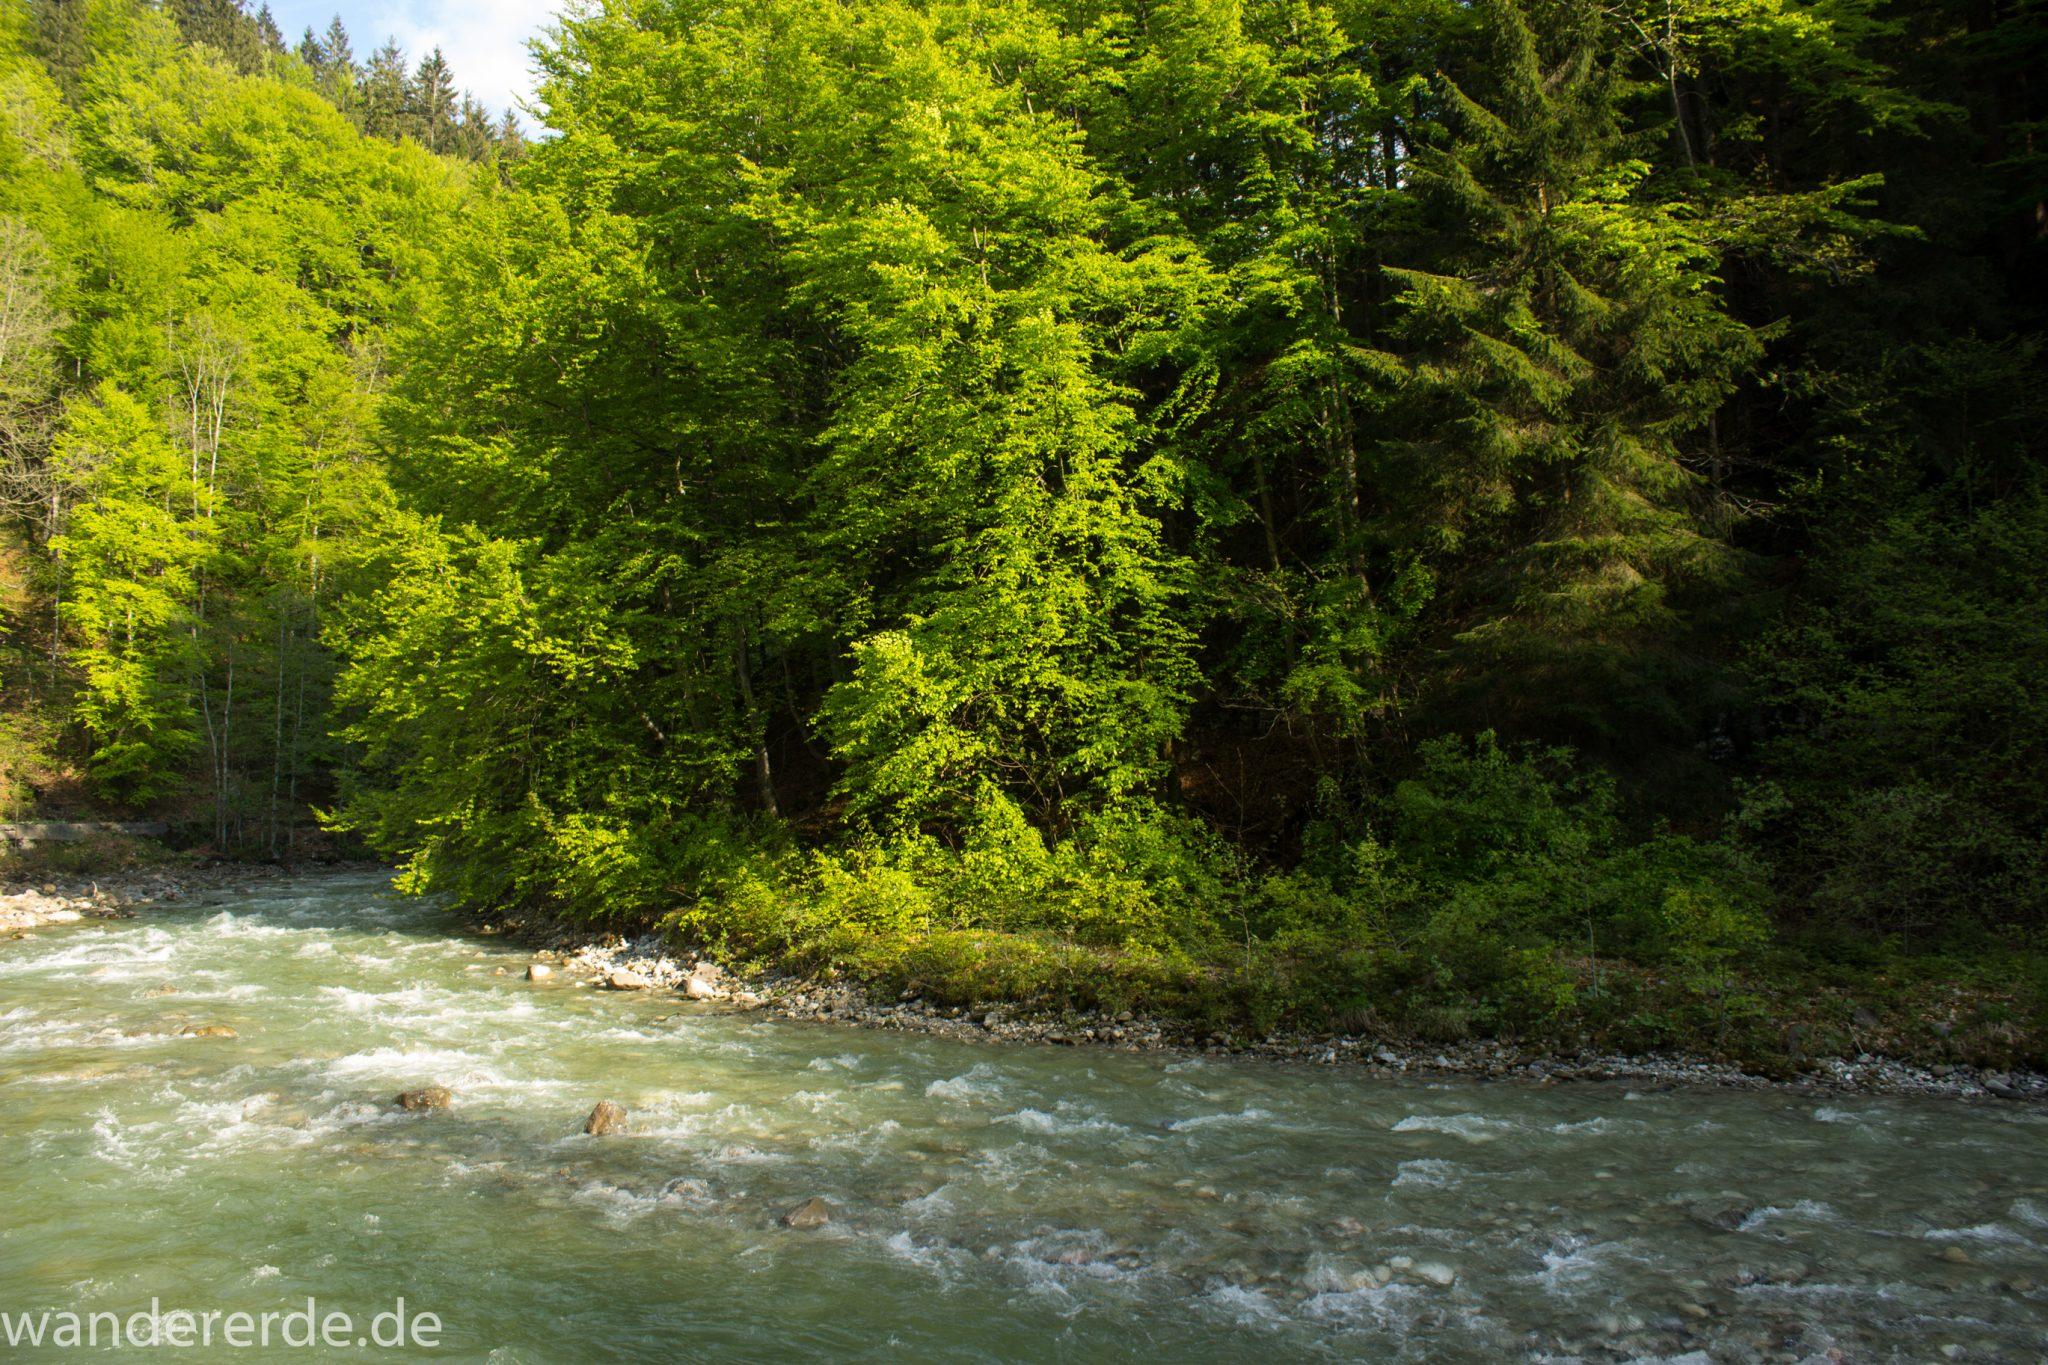 Wanderung zur Kenzenhütte in den Ammergauer Alpen, Frühjahr in den bayerischen Alpen, dichter grüner Wald, schöne Laubbäume, Wanderweg führt entlang schönen, idyllischem Fluss Halblech